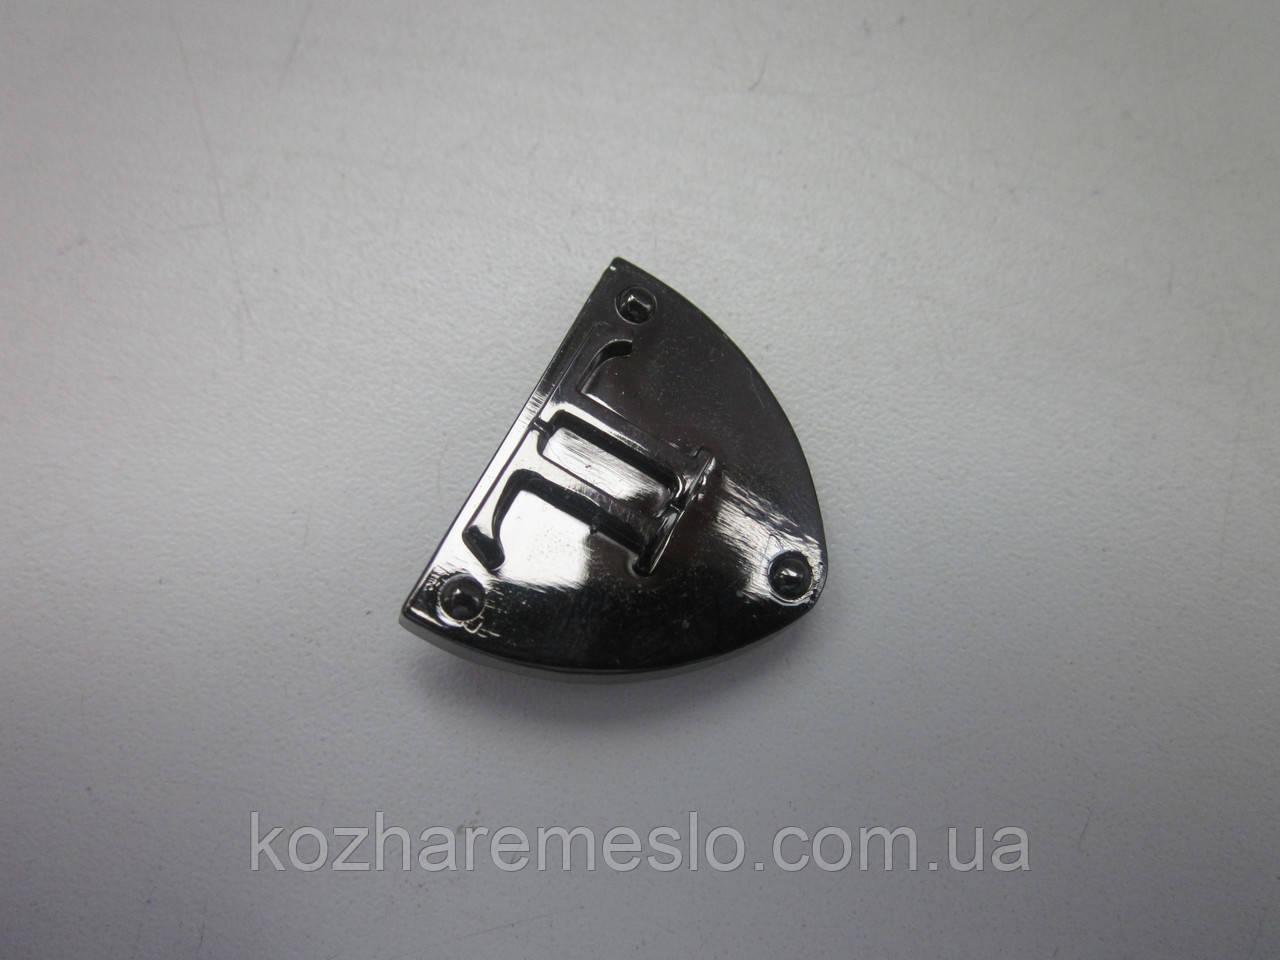 Окончание для ремня 25 мм тёмный никель